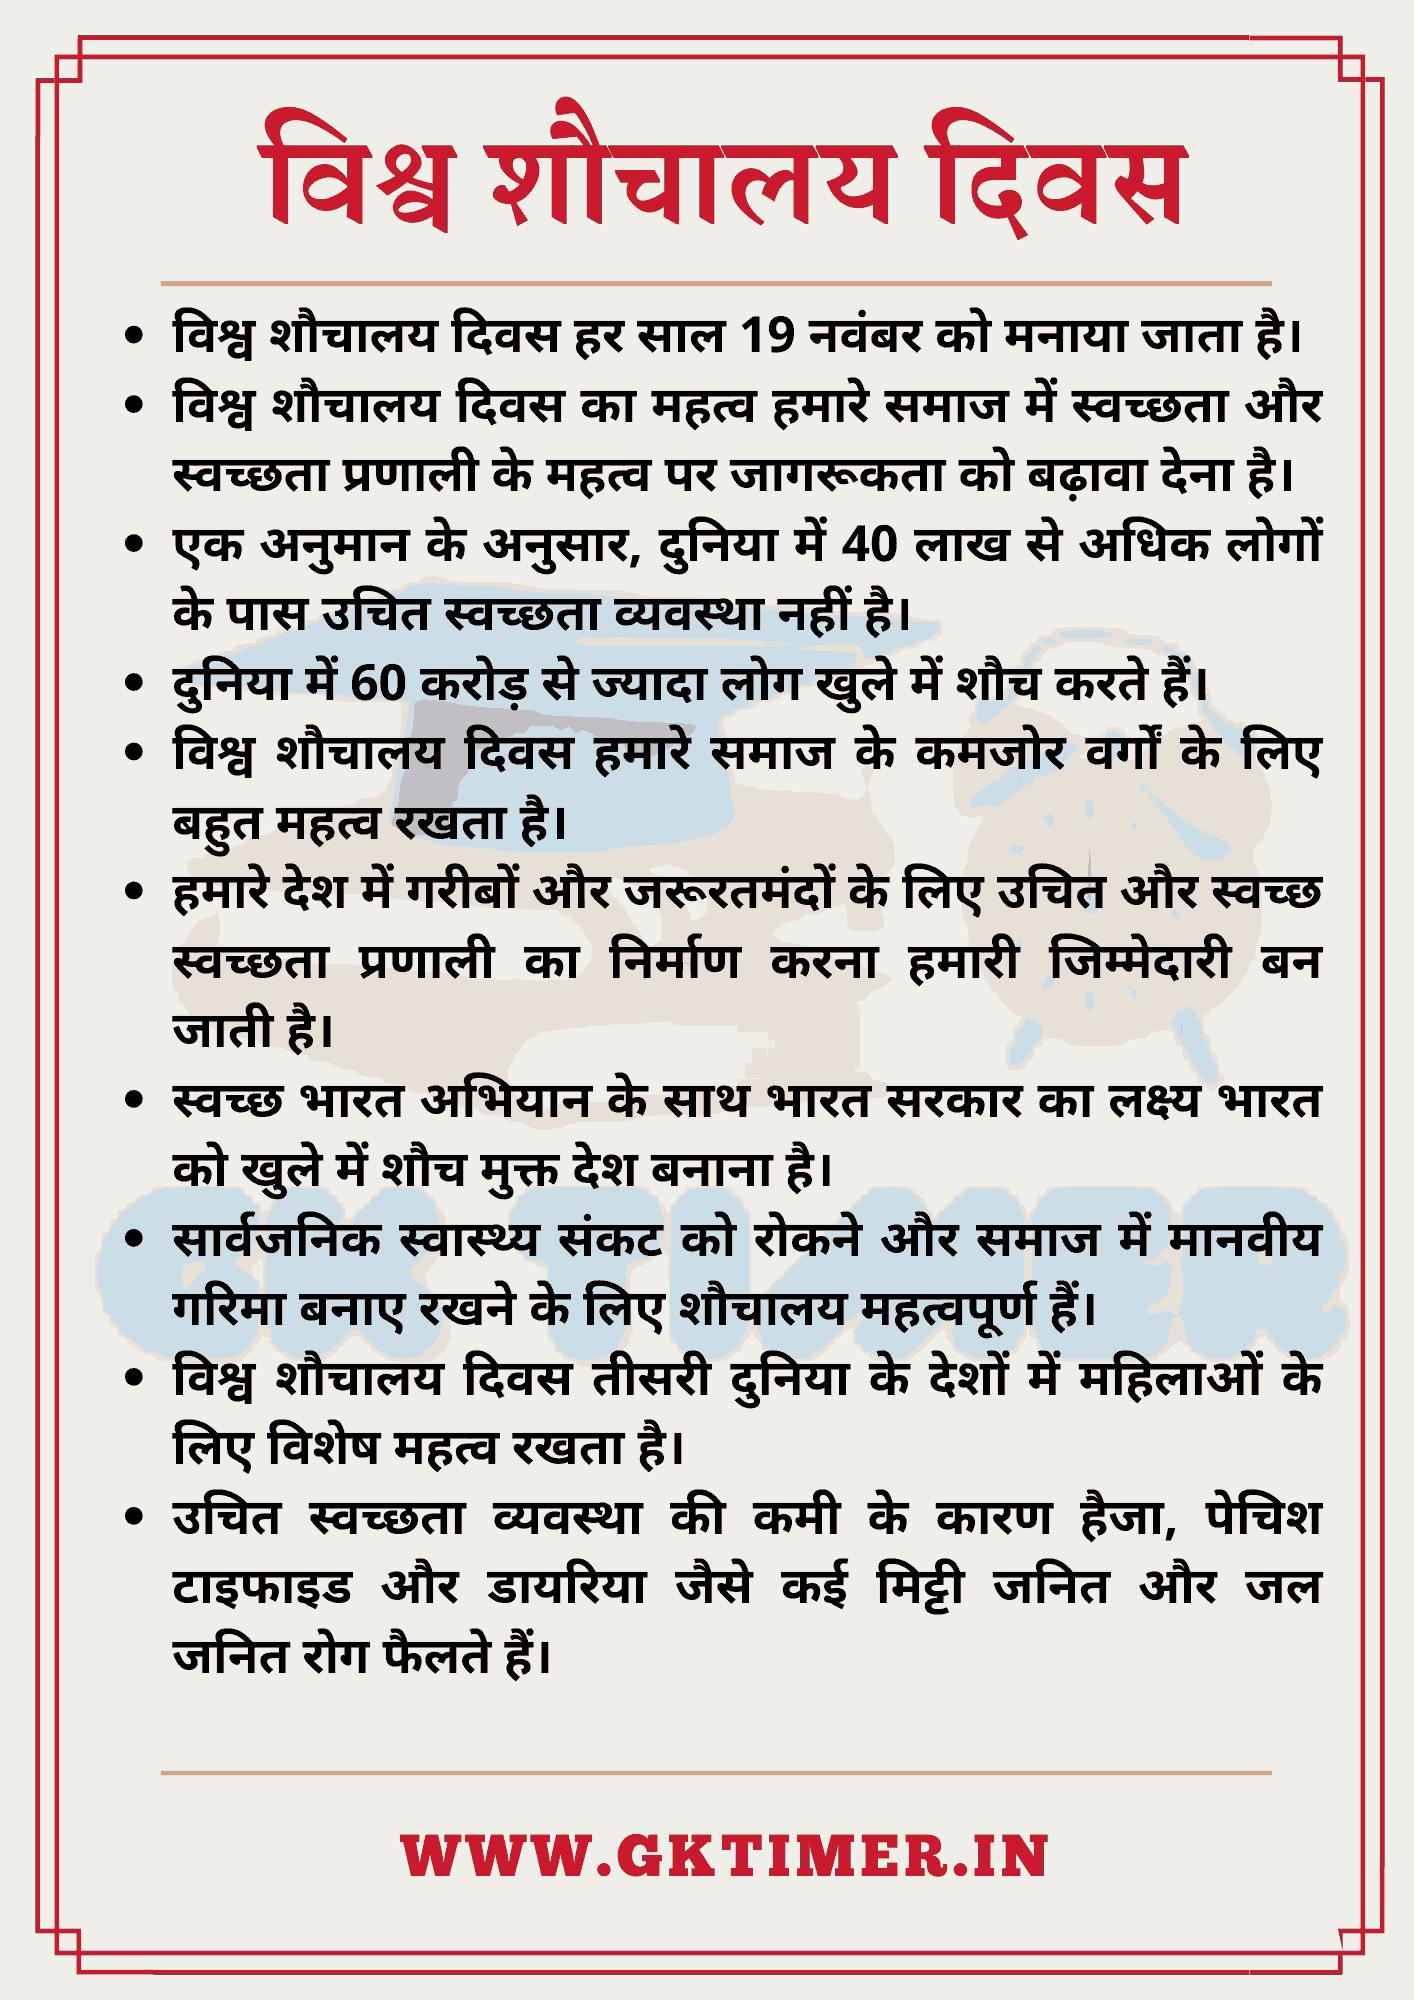 विश्व शौचालय दिवस पर निबंध | Essay on World Toilet Day in Hindi | 10 Lines on World Toilet Day in Hindi